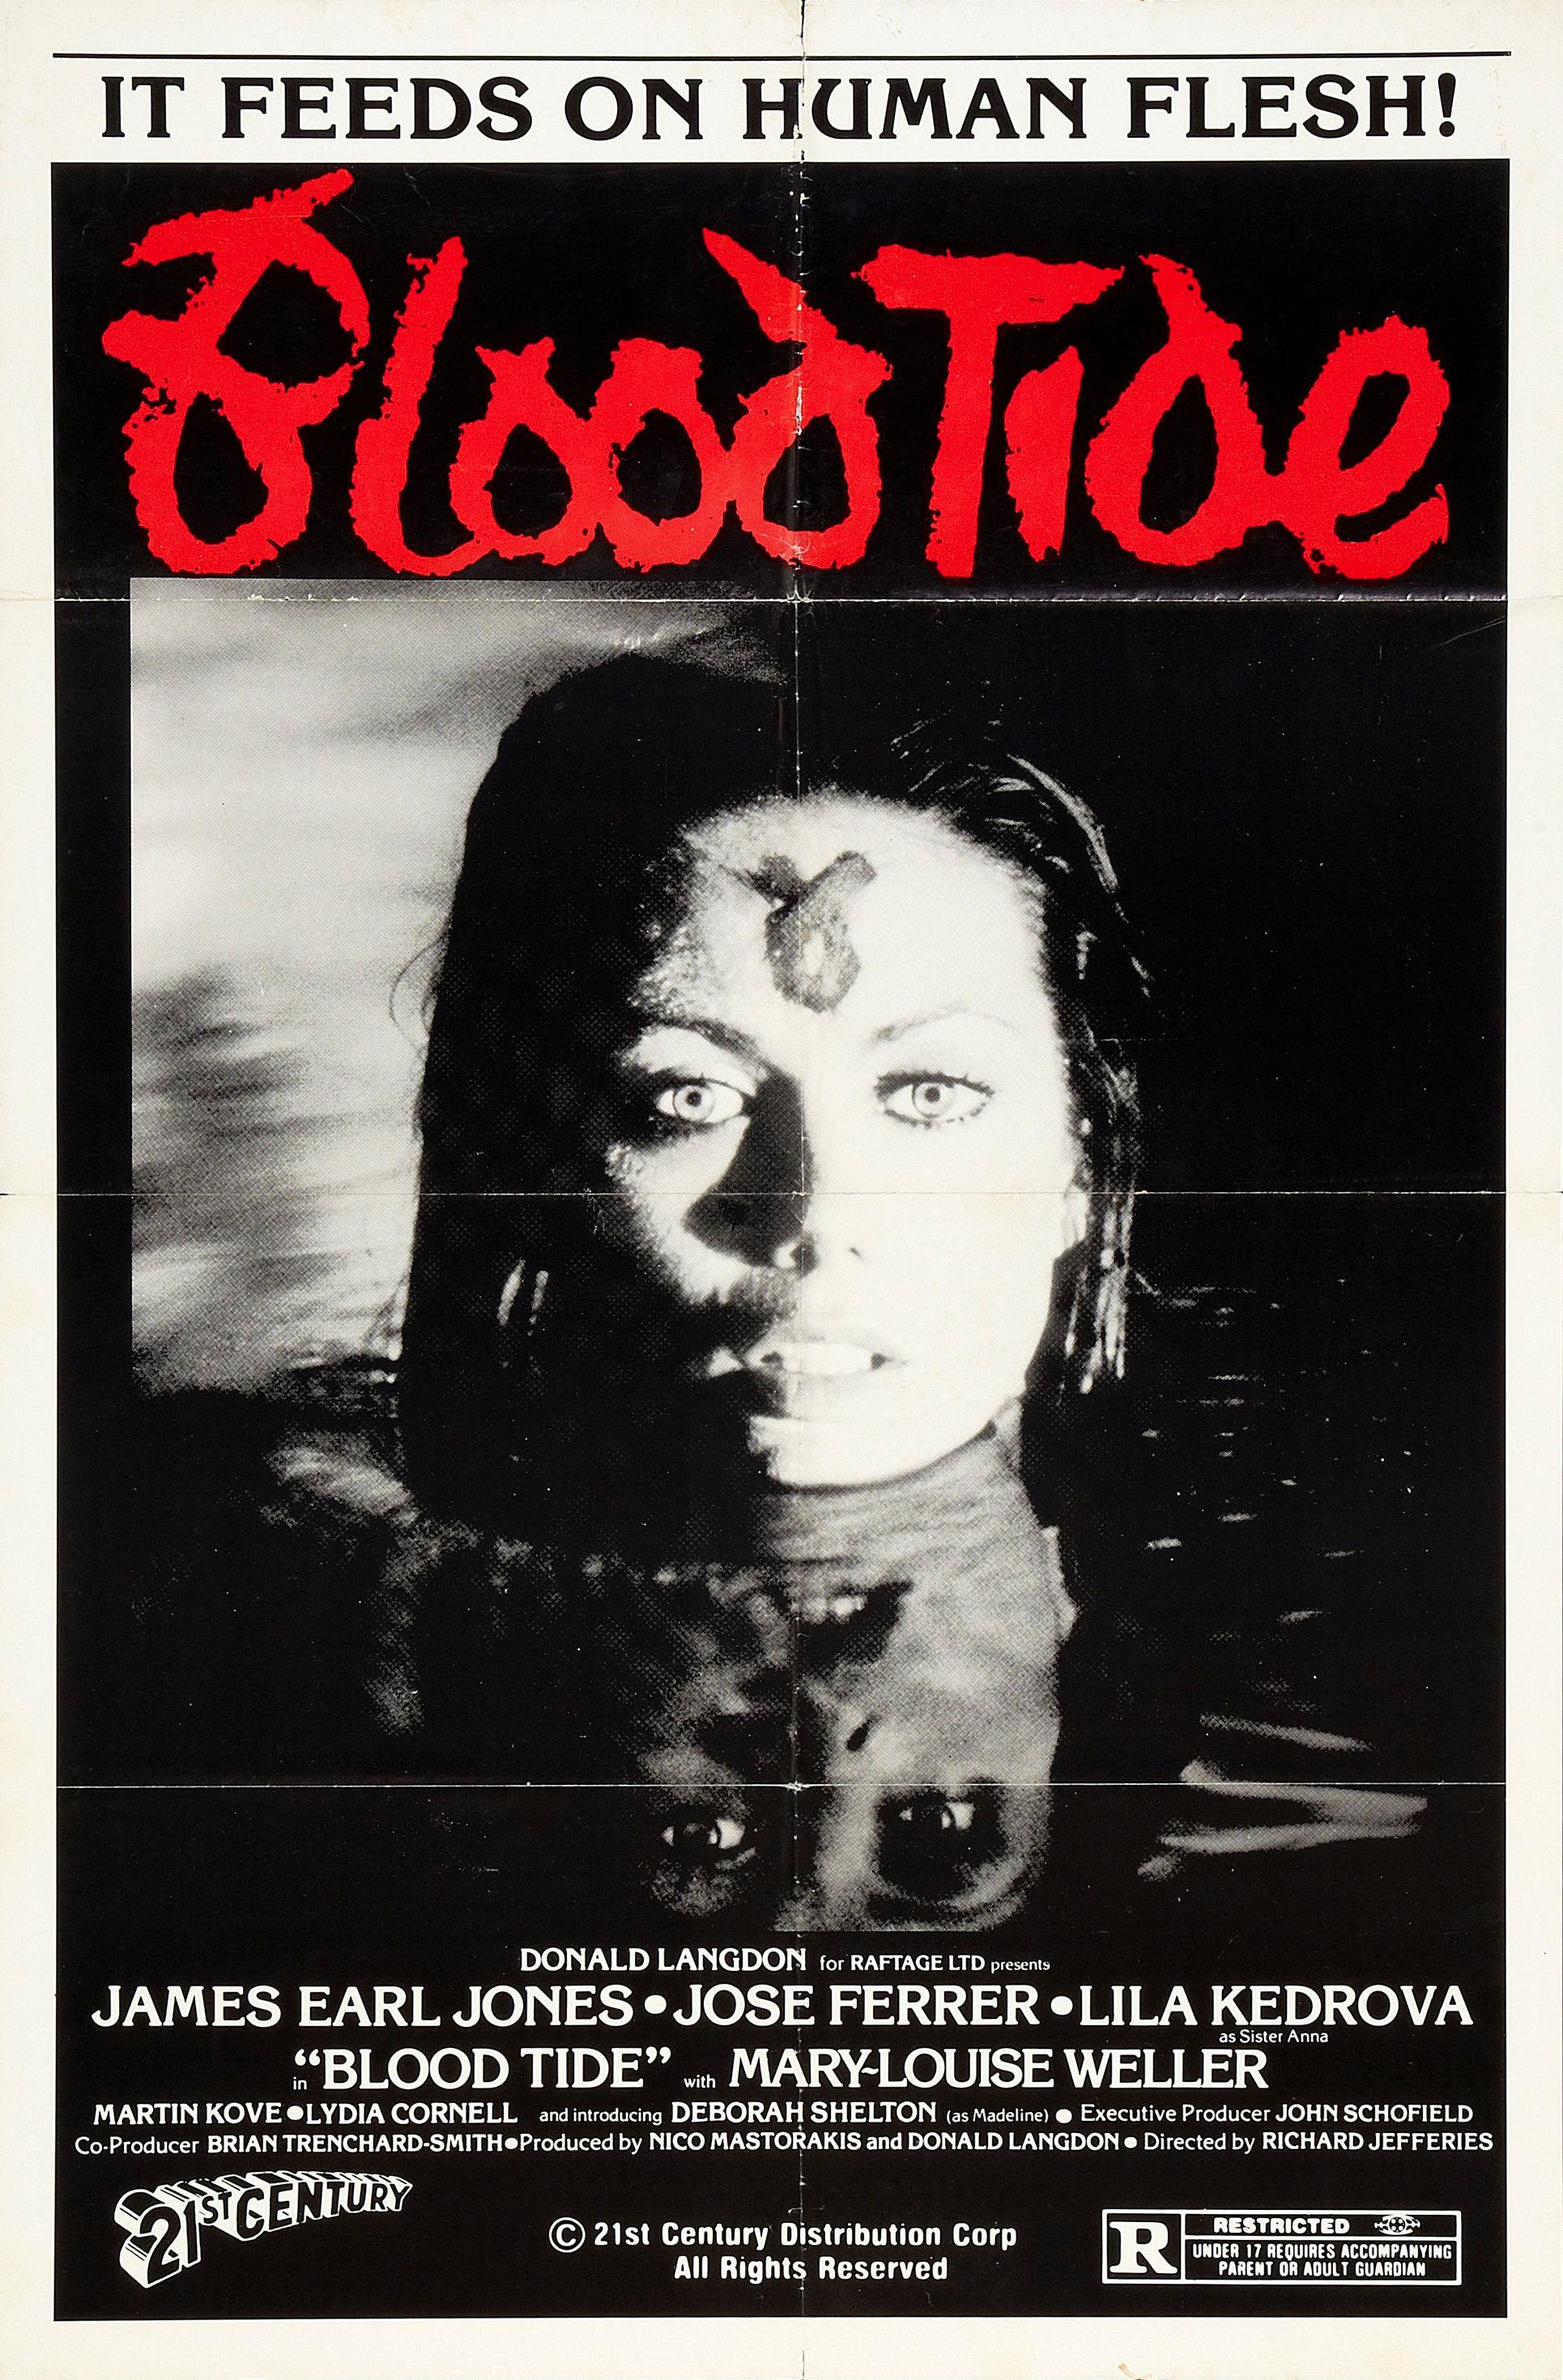 blood_tide_poster_1982_01.jpg